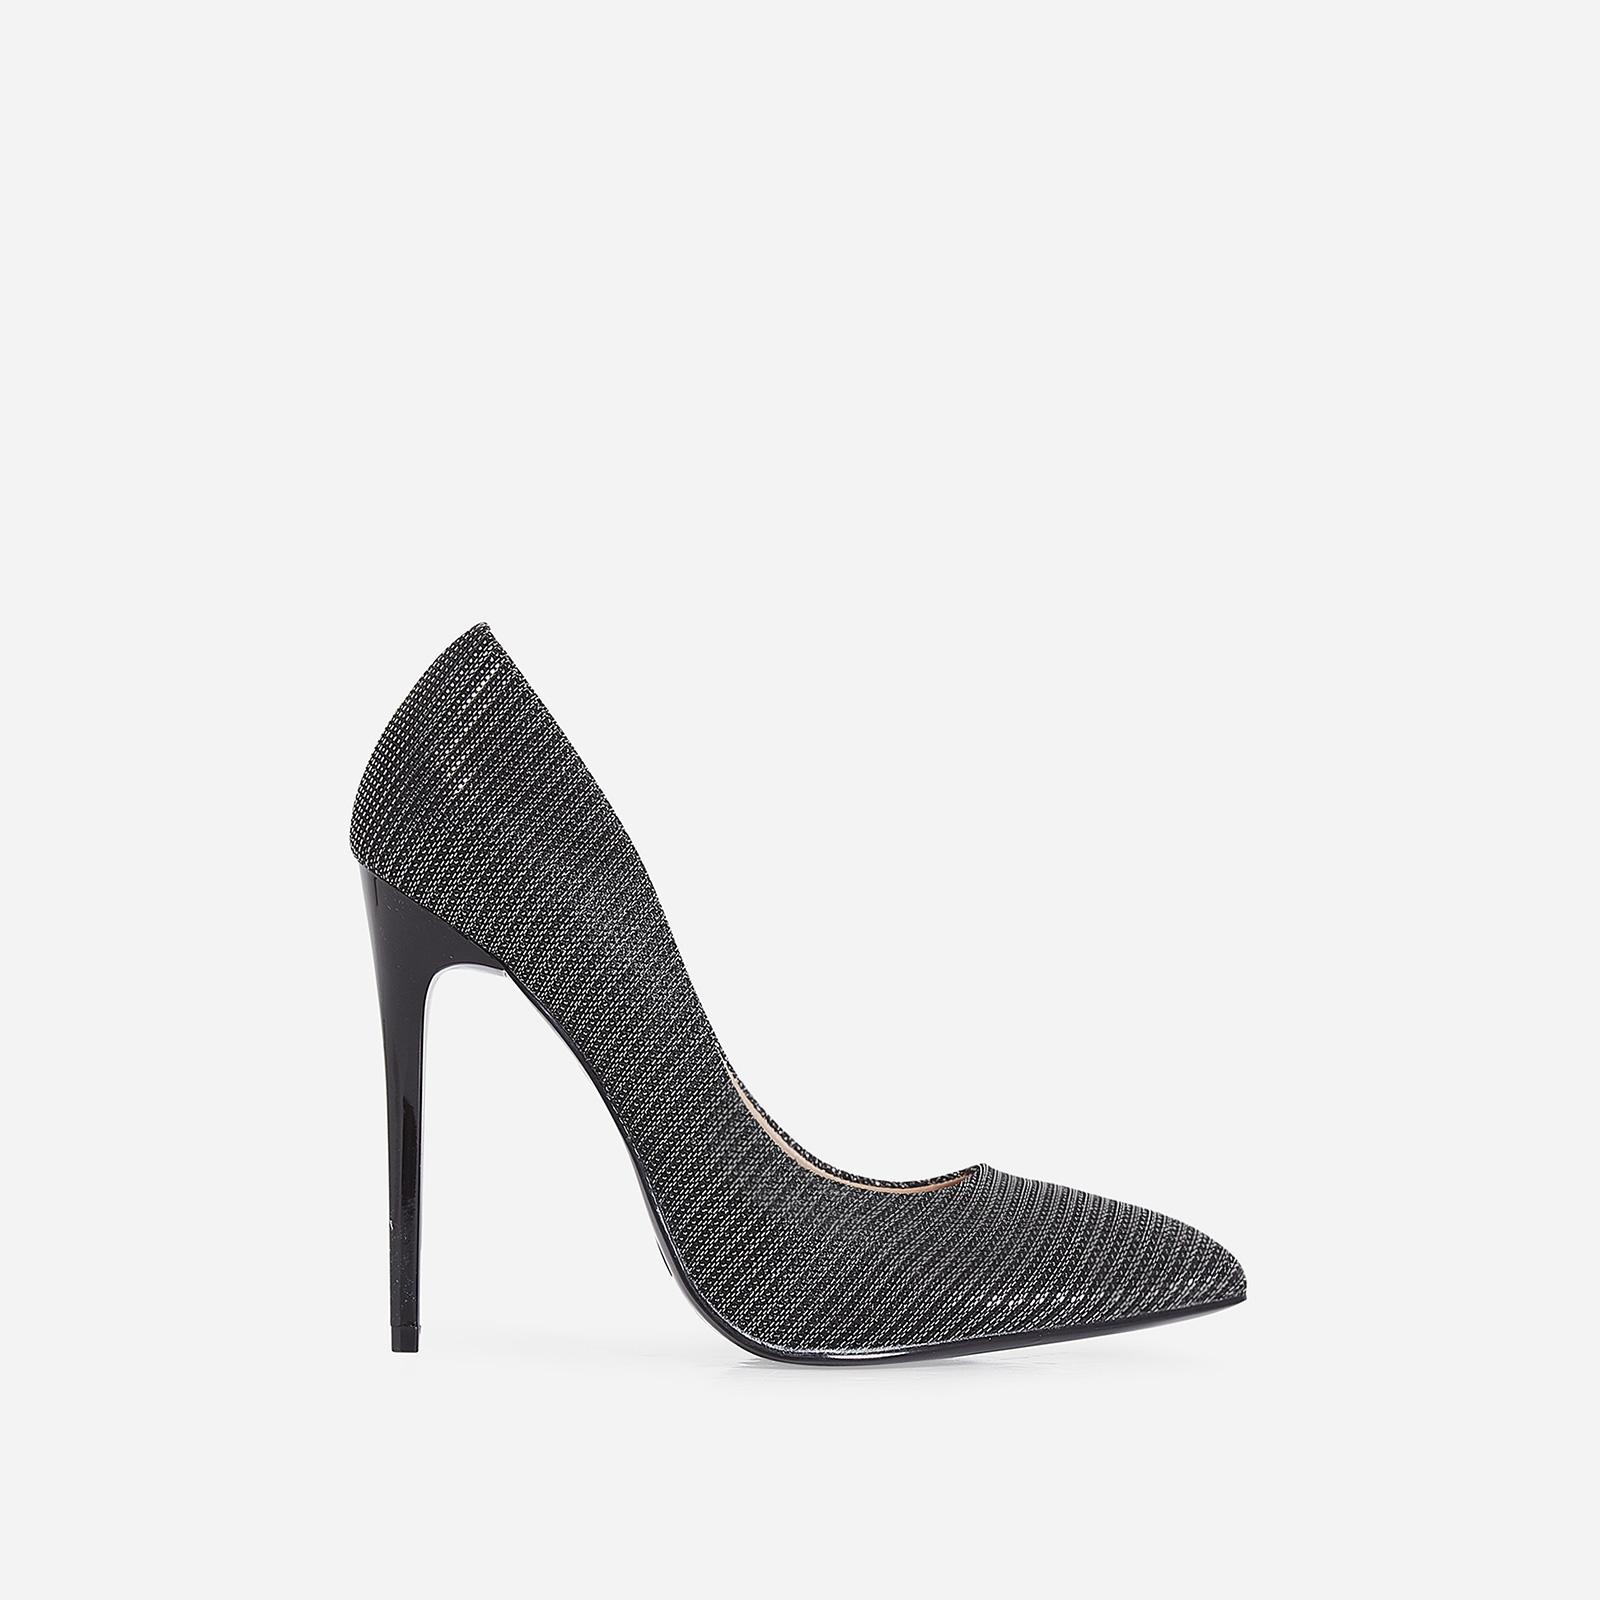 Mira Court Heel In Metallic Black Fabric